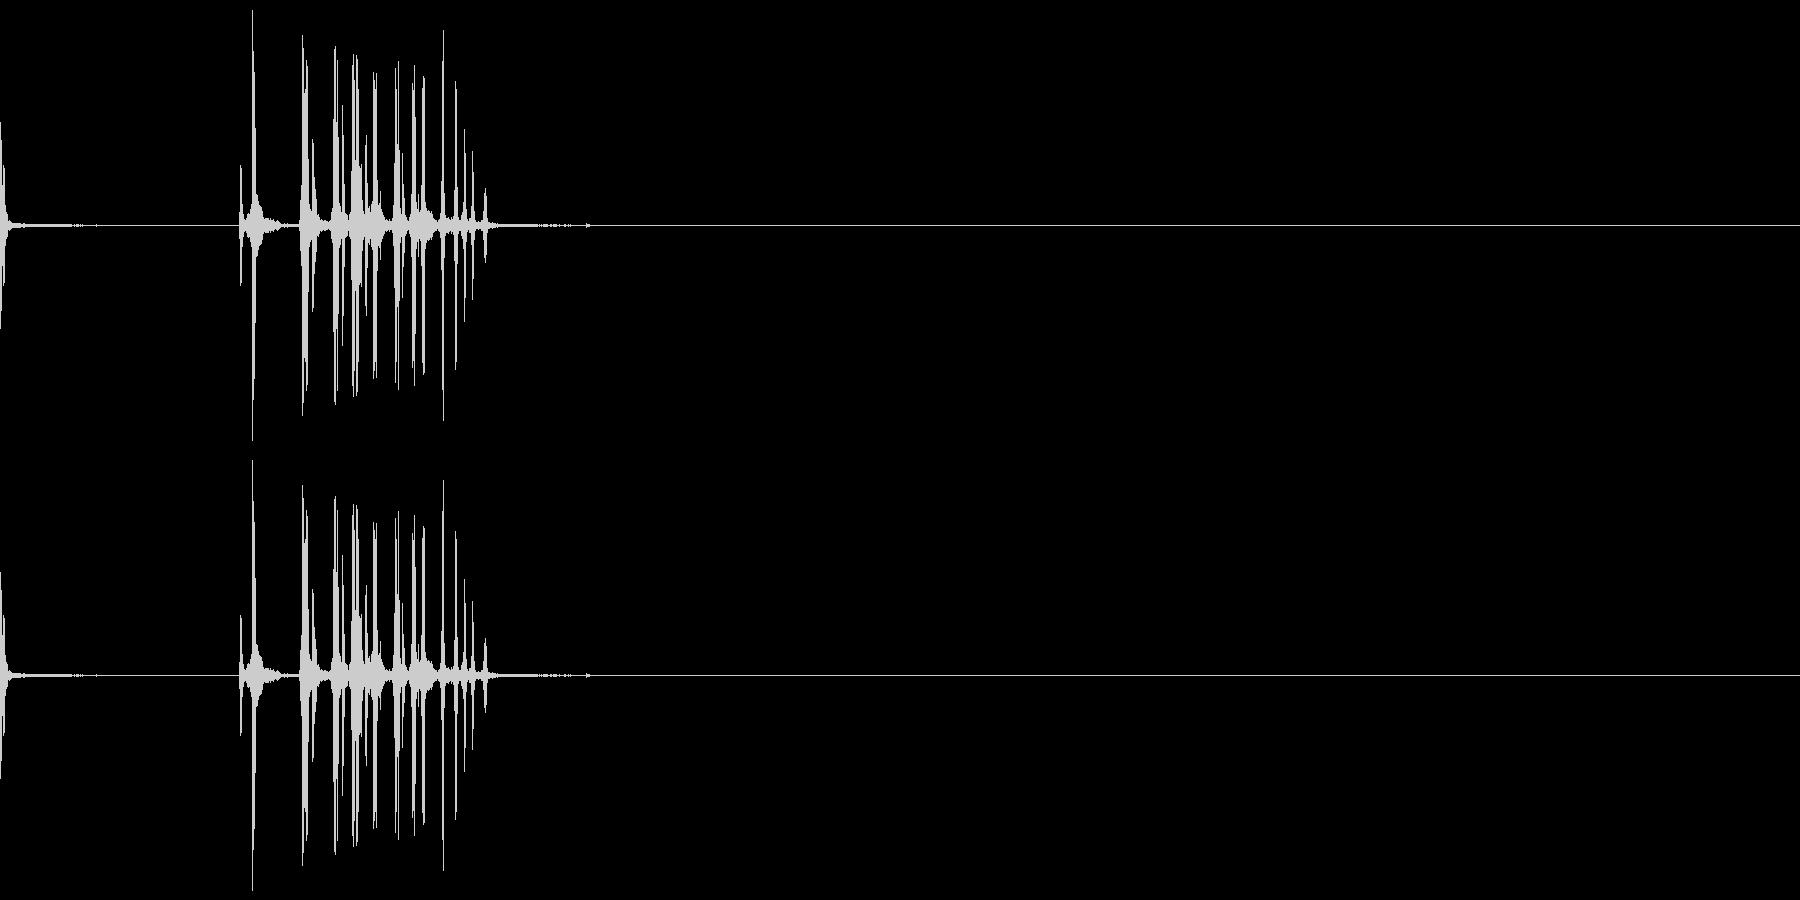 カッターナイフ12の未再生の波形